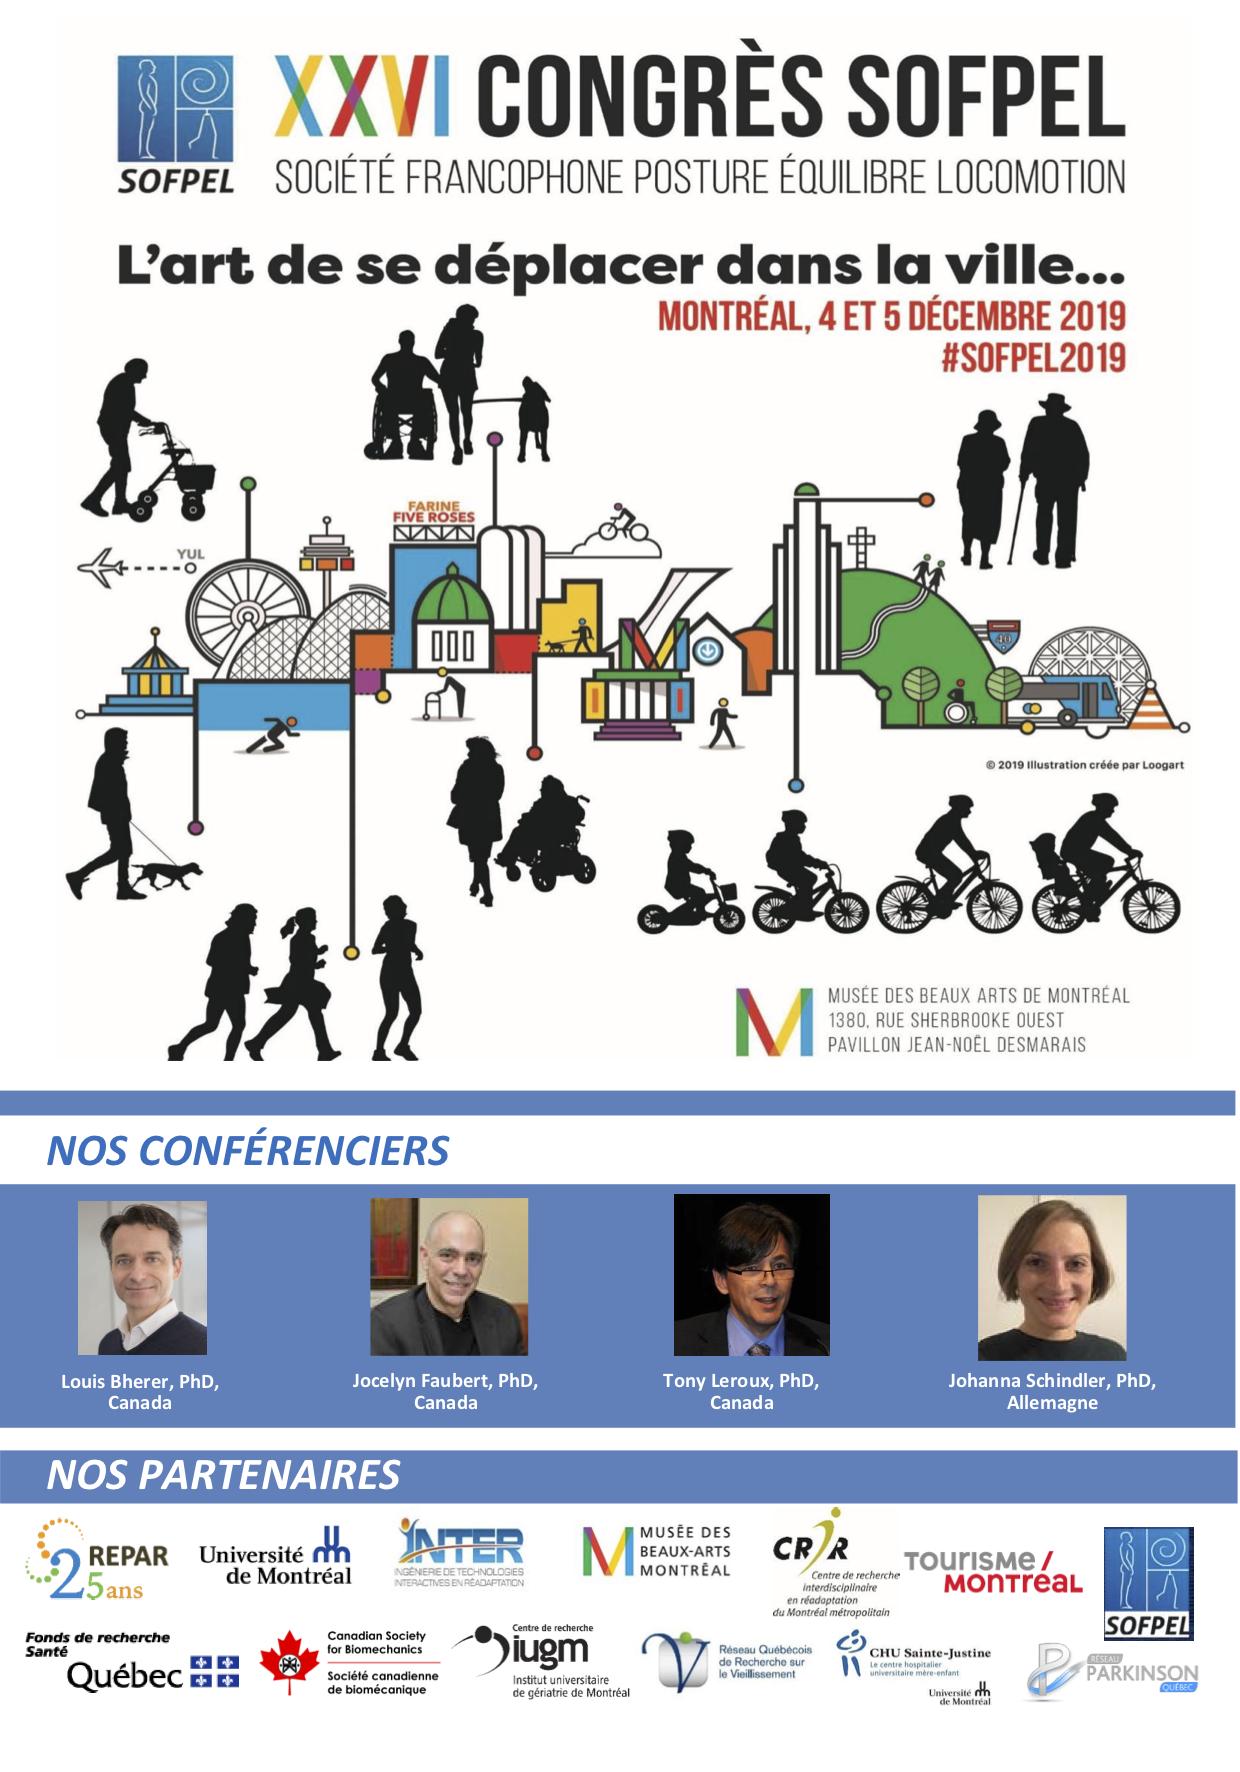 XXVieme Congrès de la SOFPEL 2019 Montréal